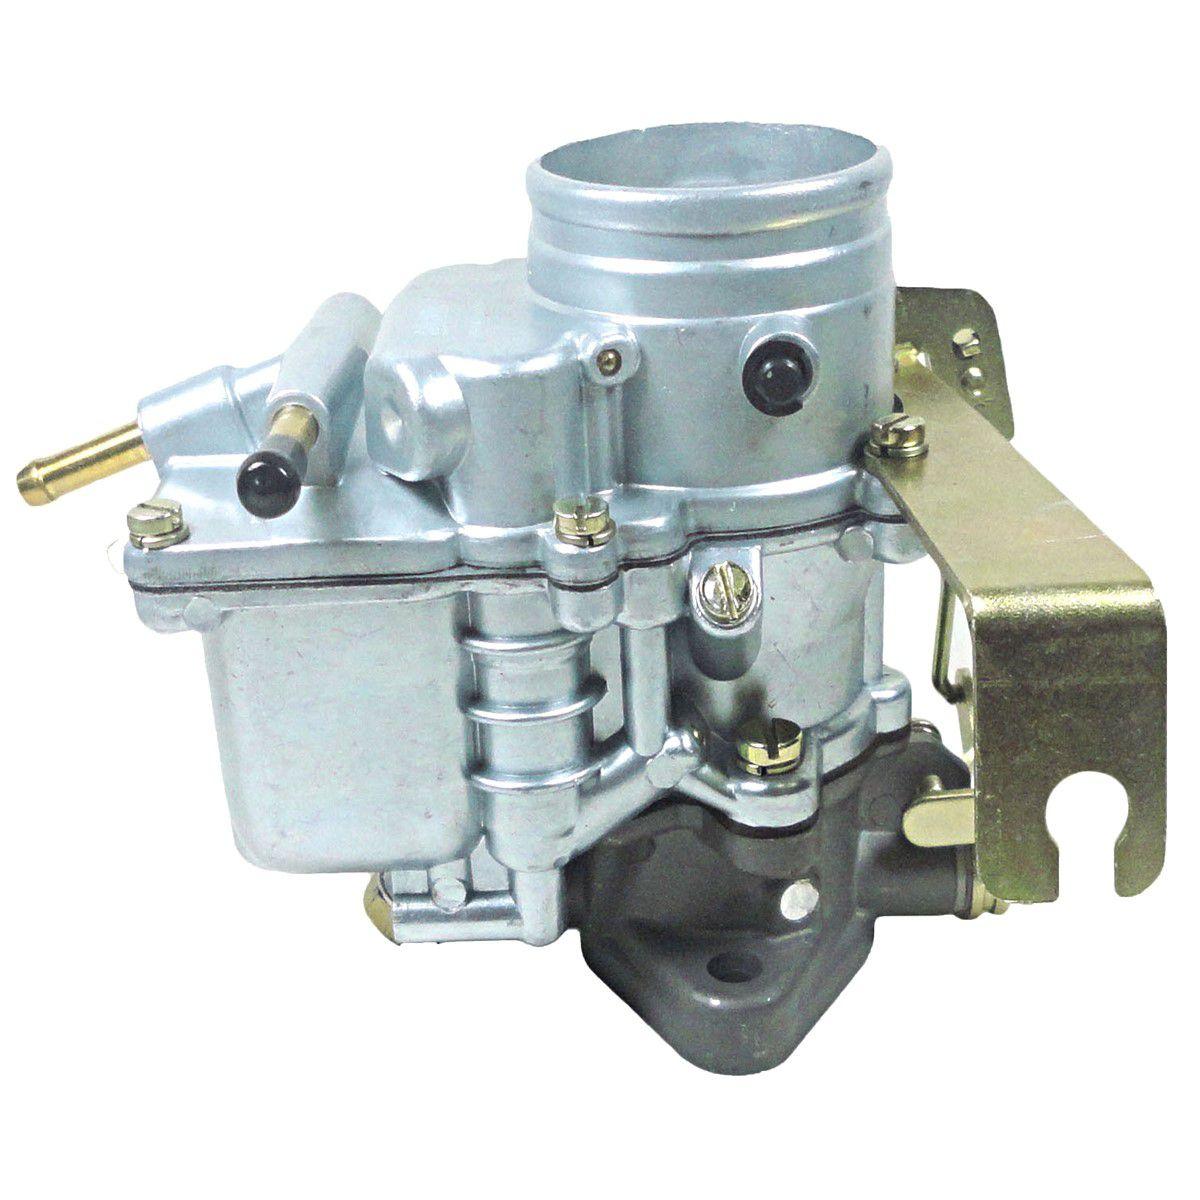 Carburador Weber DFV 228 Chevette 1.4 1.6 Gasolina